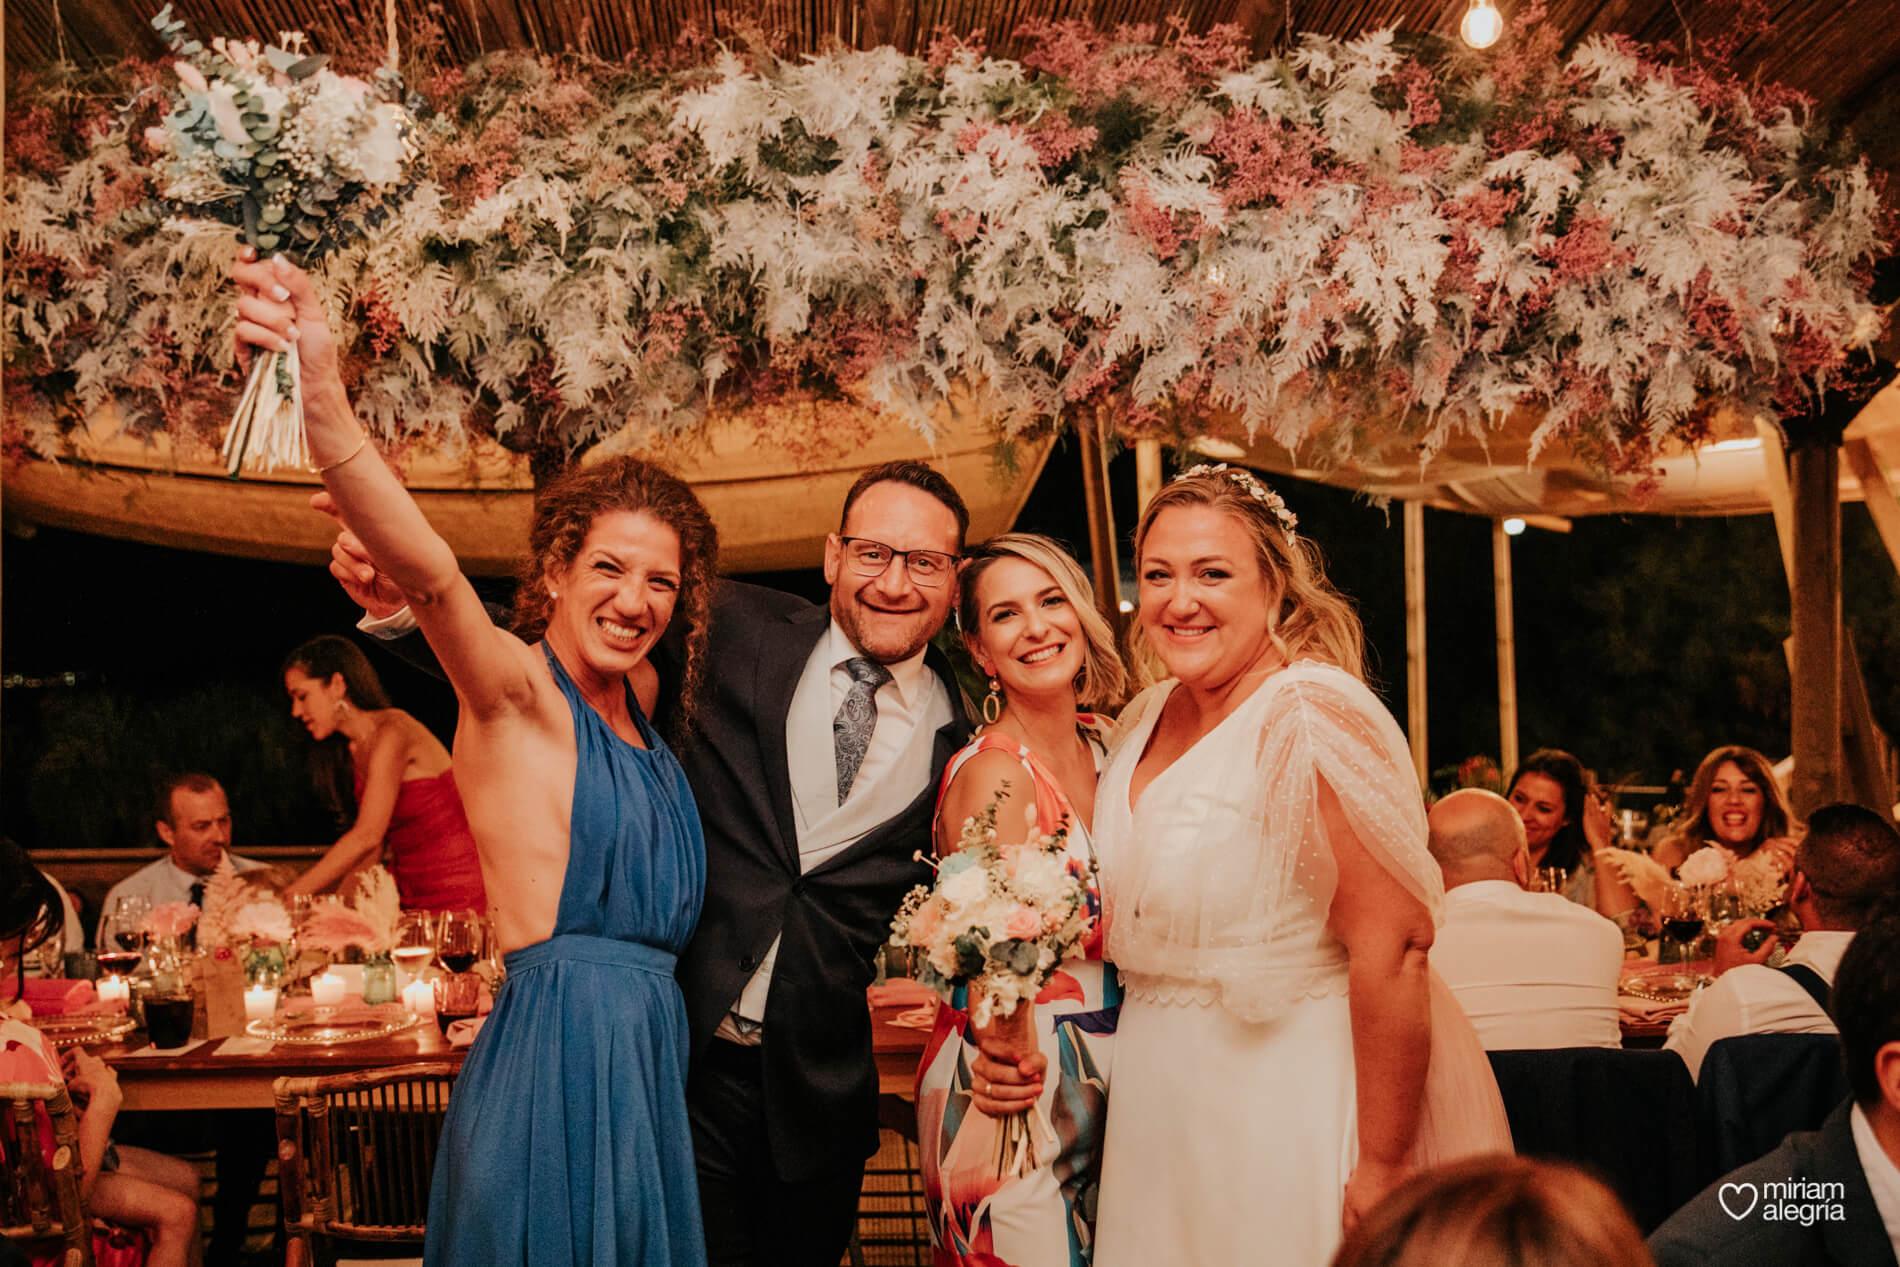 boda-en-macondo-vicyarmando-86